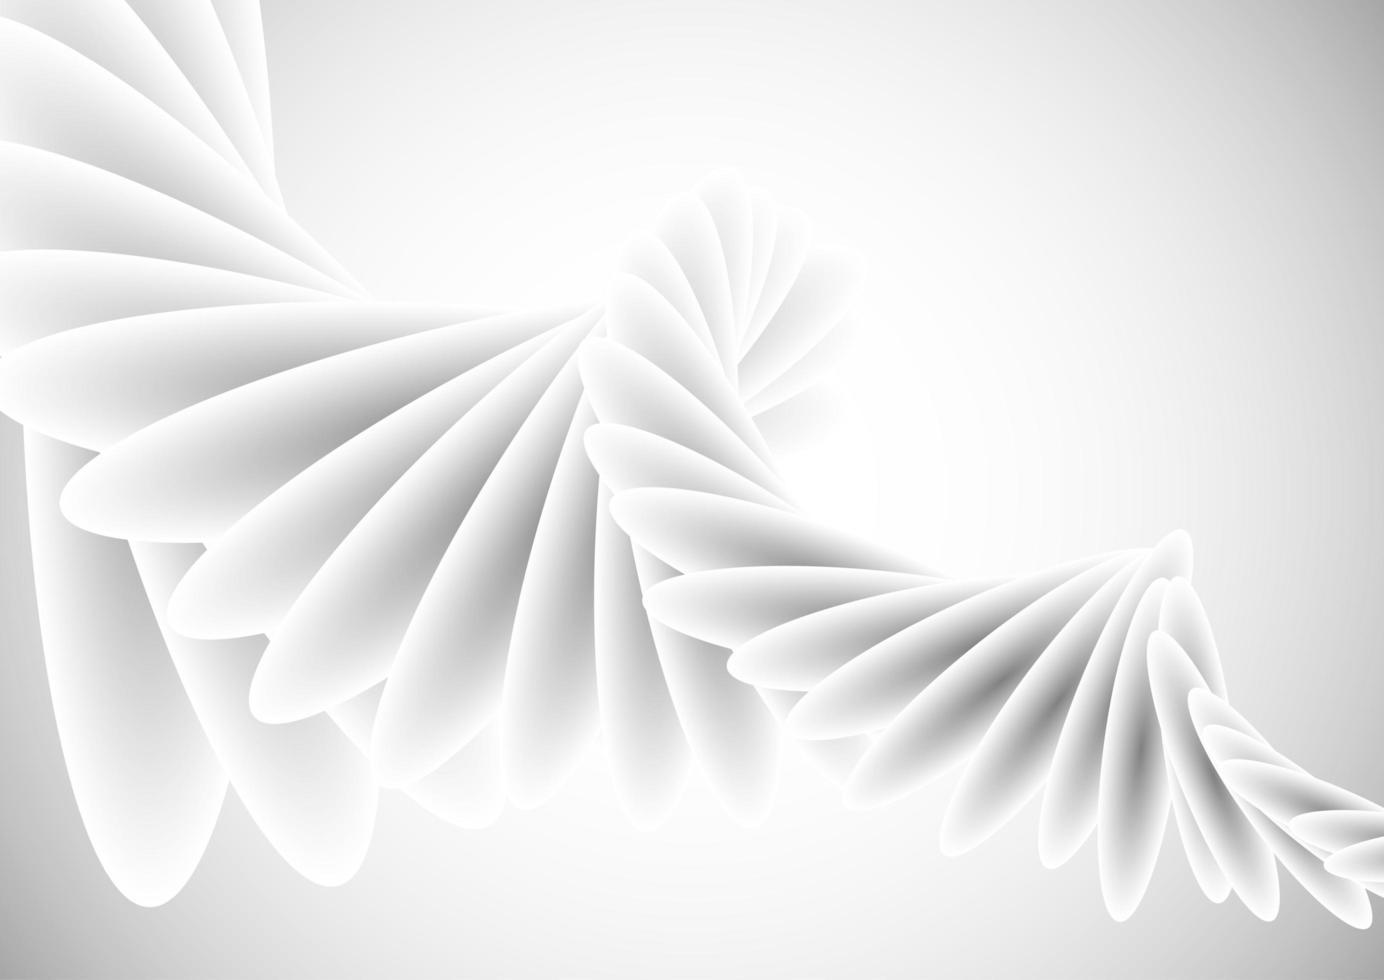 abstracte witte spiraalvormige ontwerpachtergrond vector